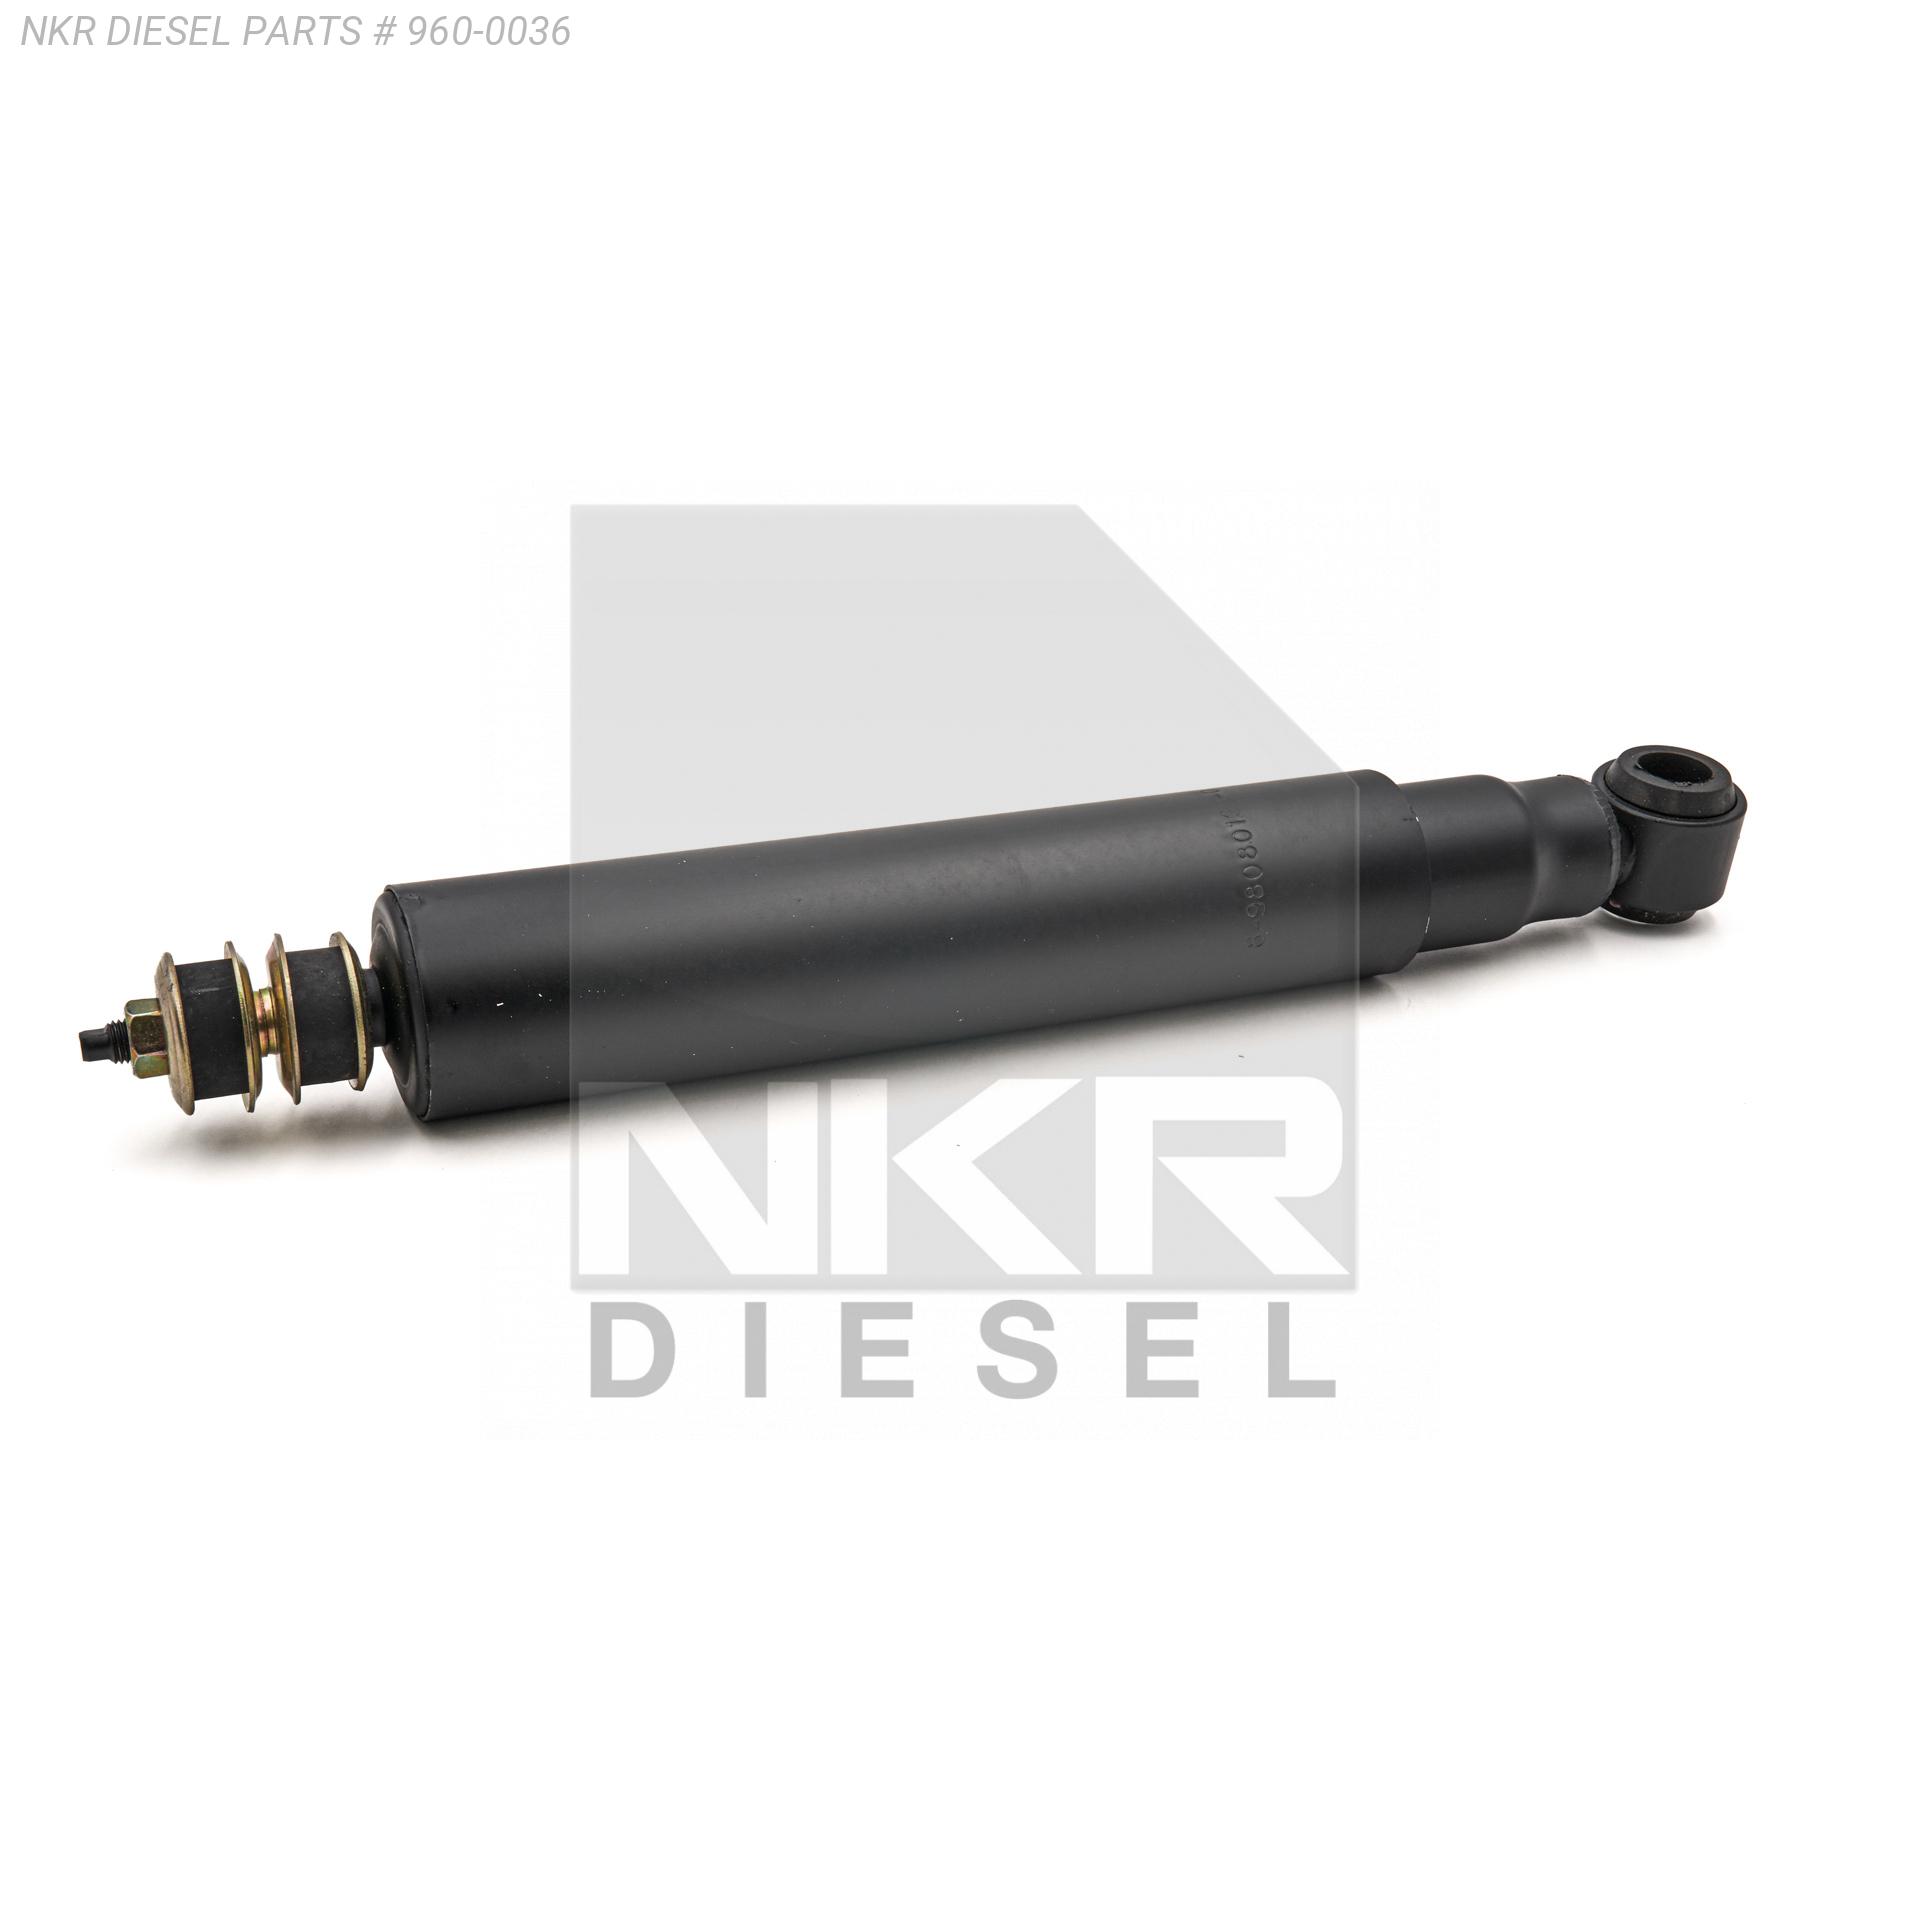 Fan Blower Unit Motor Assembly for Isuzu NPR NPR-HD NQR NRR Diesel 4HK1 4HE1